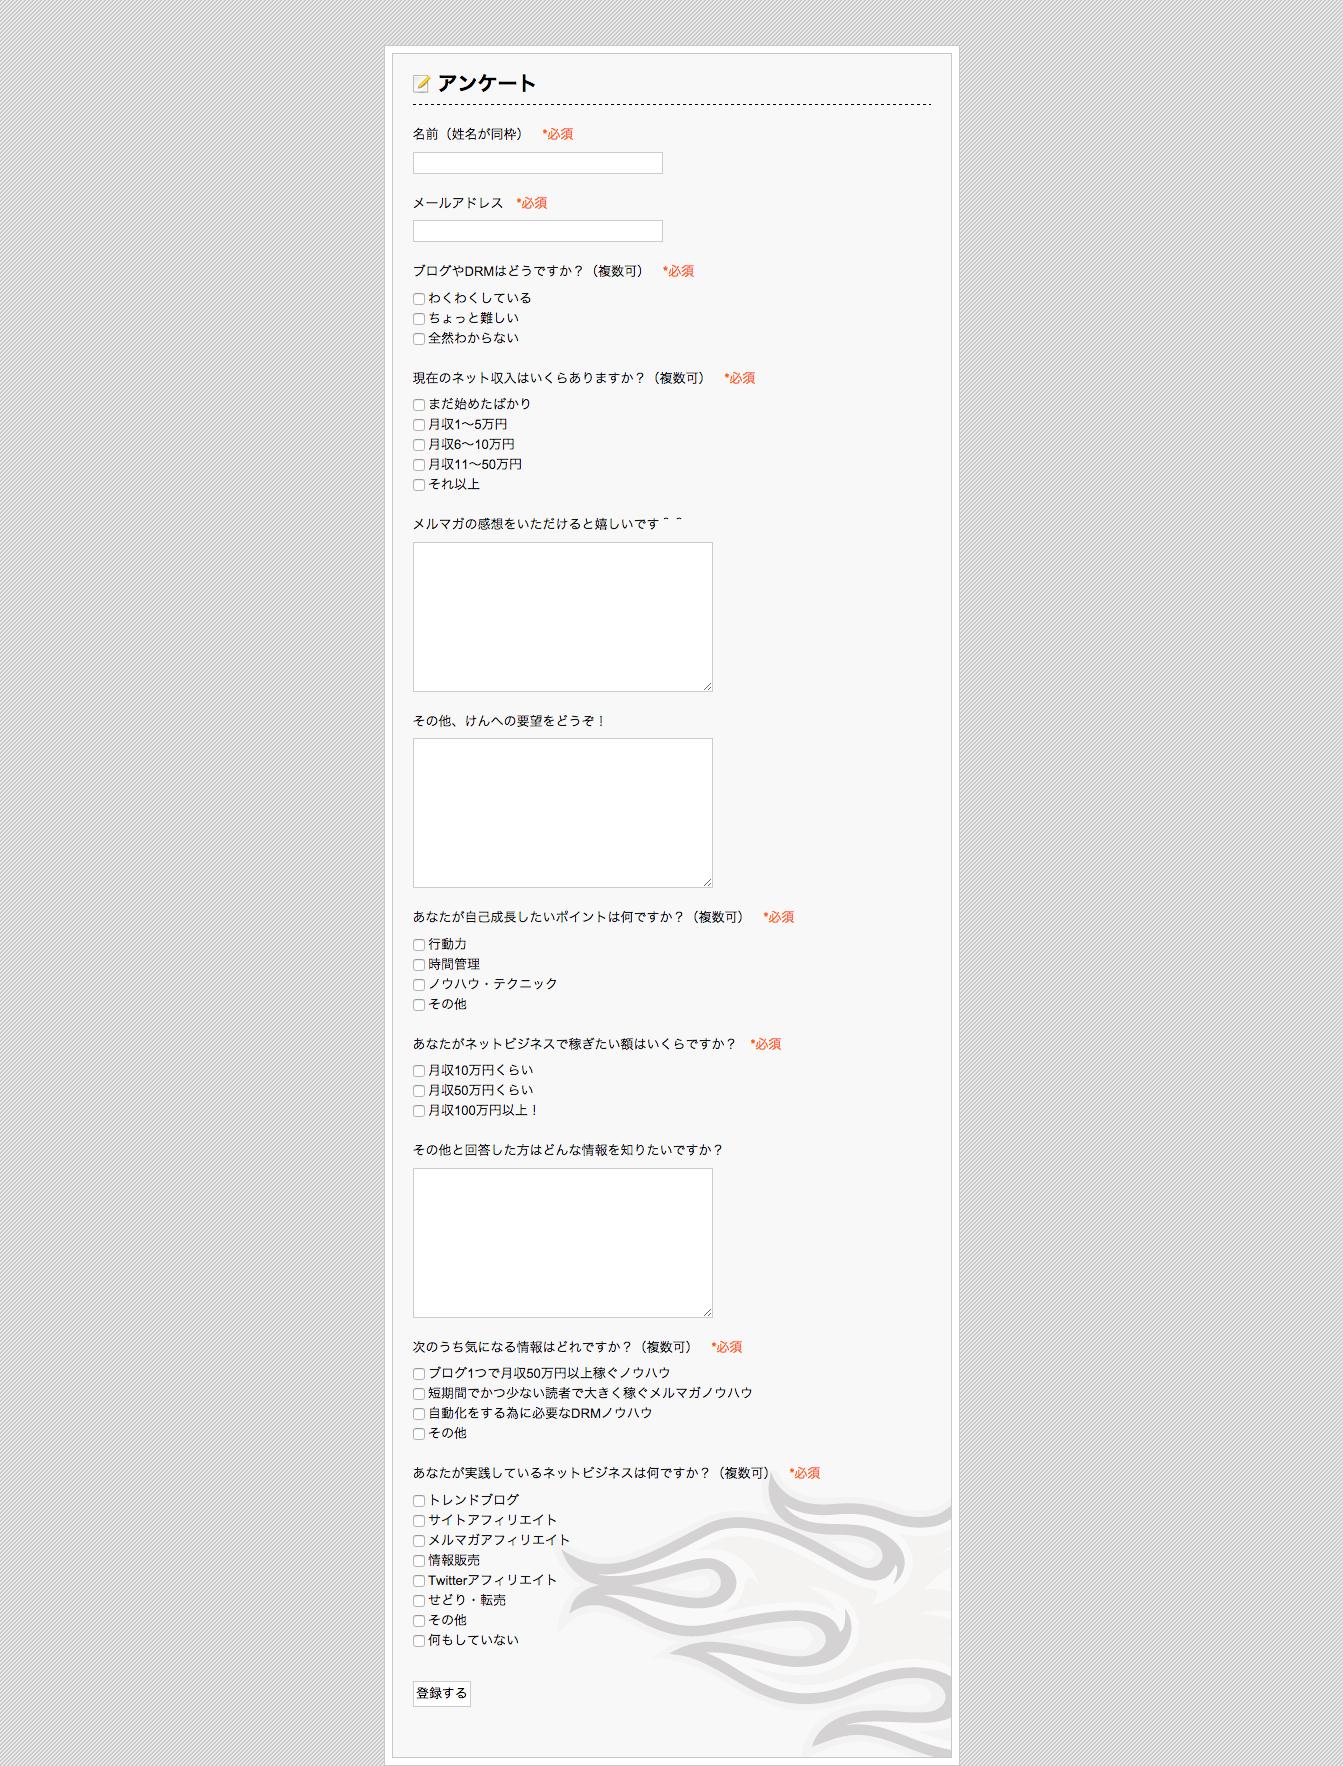 screencapture www eaglemail jp REG 69bf48df2c55f3750faae8dd561a6387 1436750486709 1 けんのメルマガで聞いた100通のアンケート結果をまとめてみた